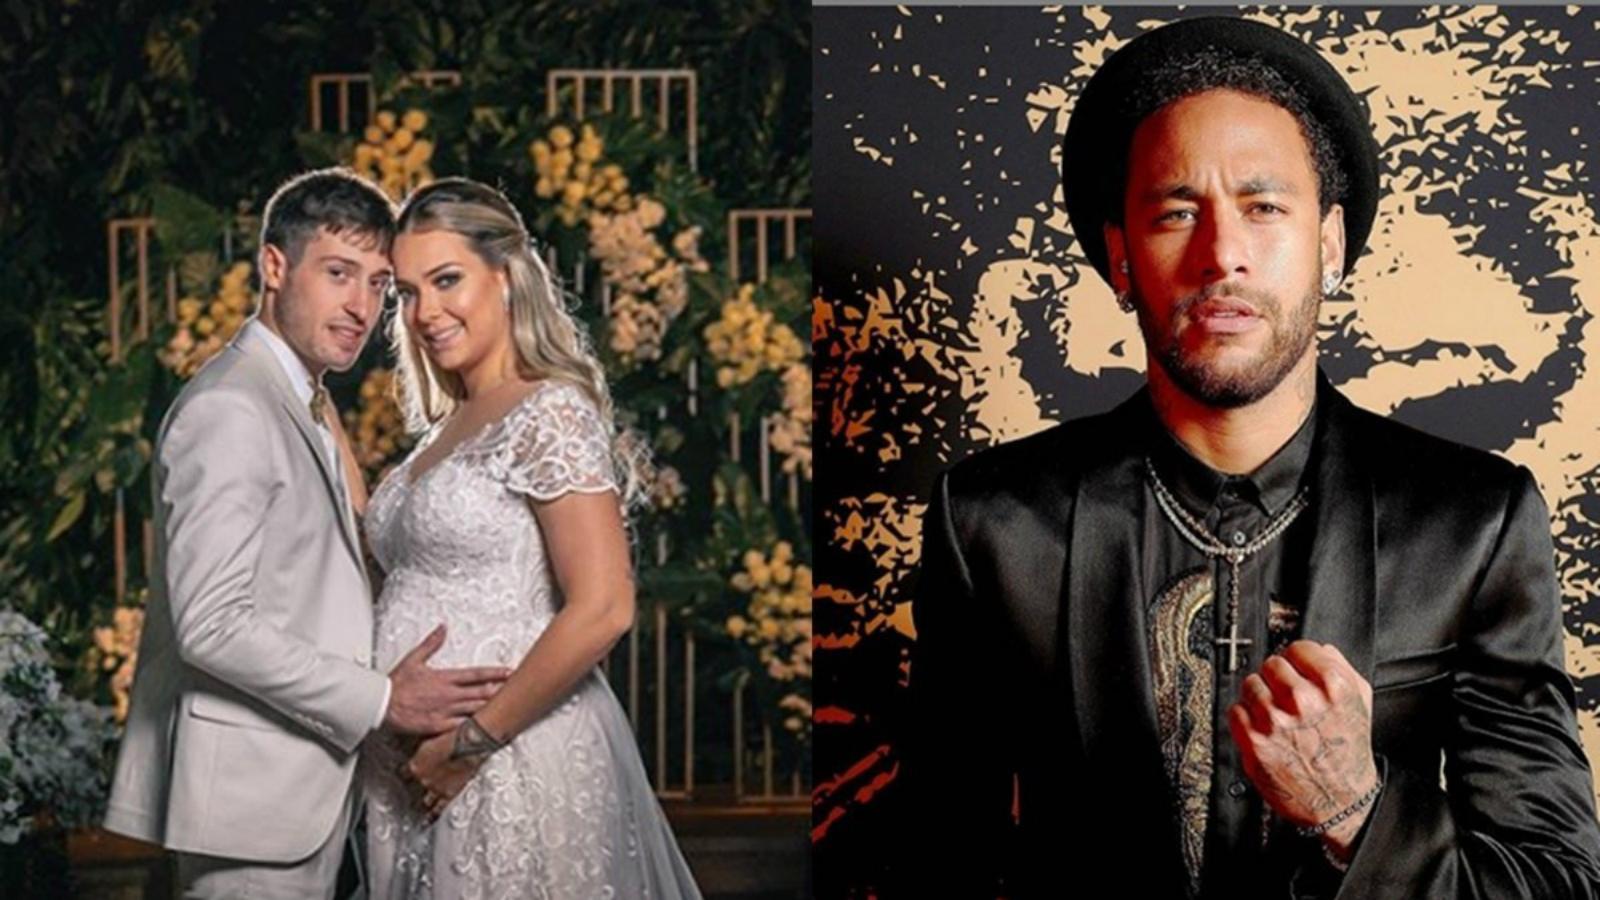 Mỹ nhân mới cặp kè Neymar: Siêu mẫu háo danh chuyên bẫy tình cầu thủ đẹp cỡ nào? - 16